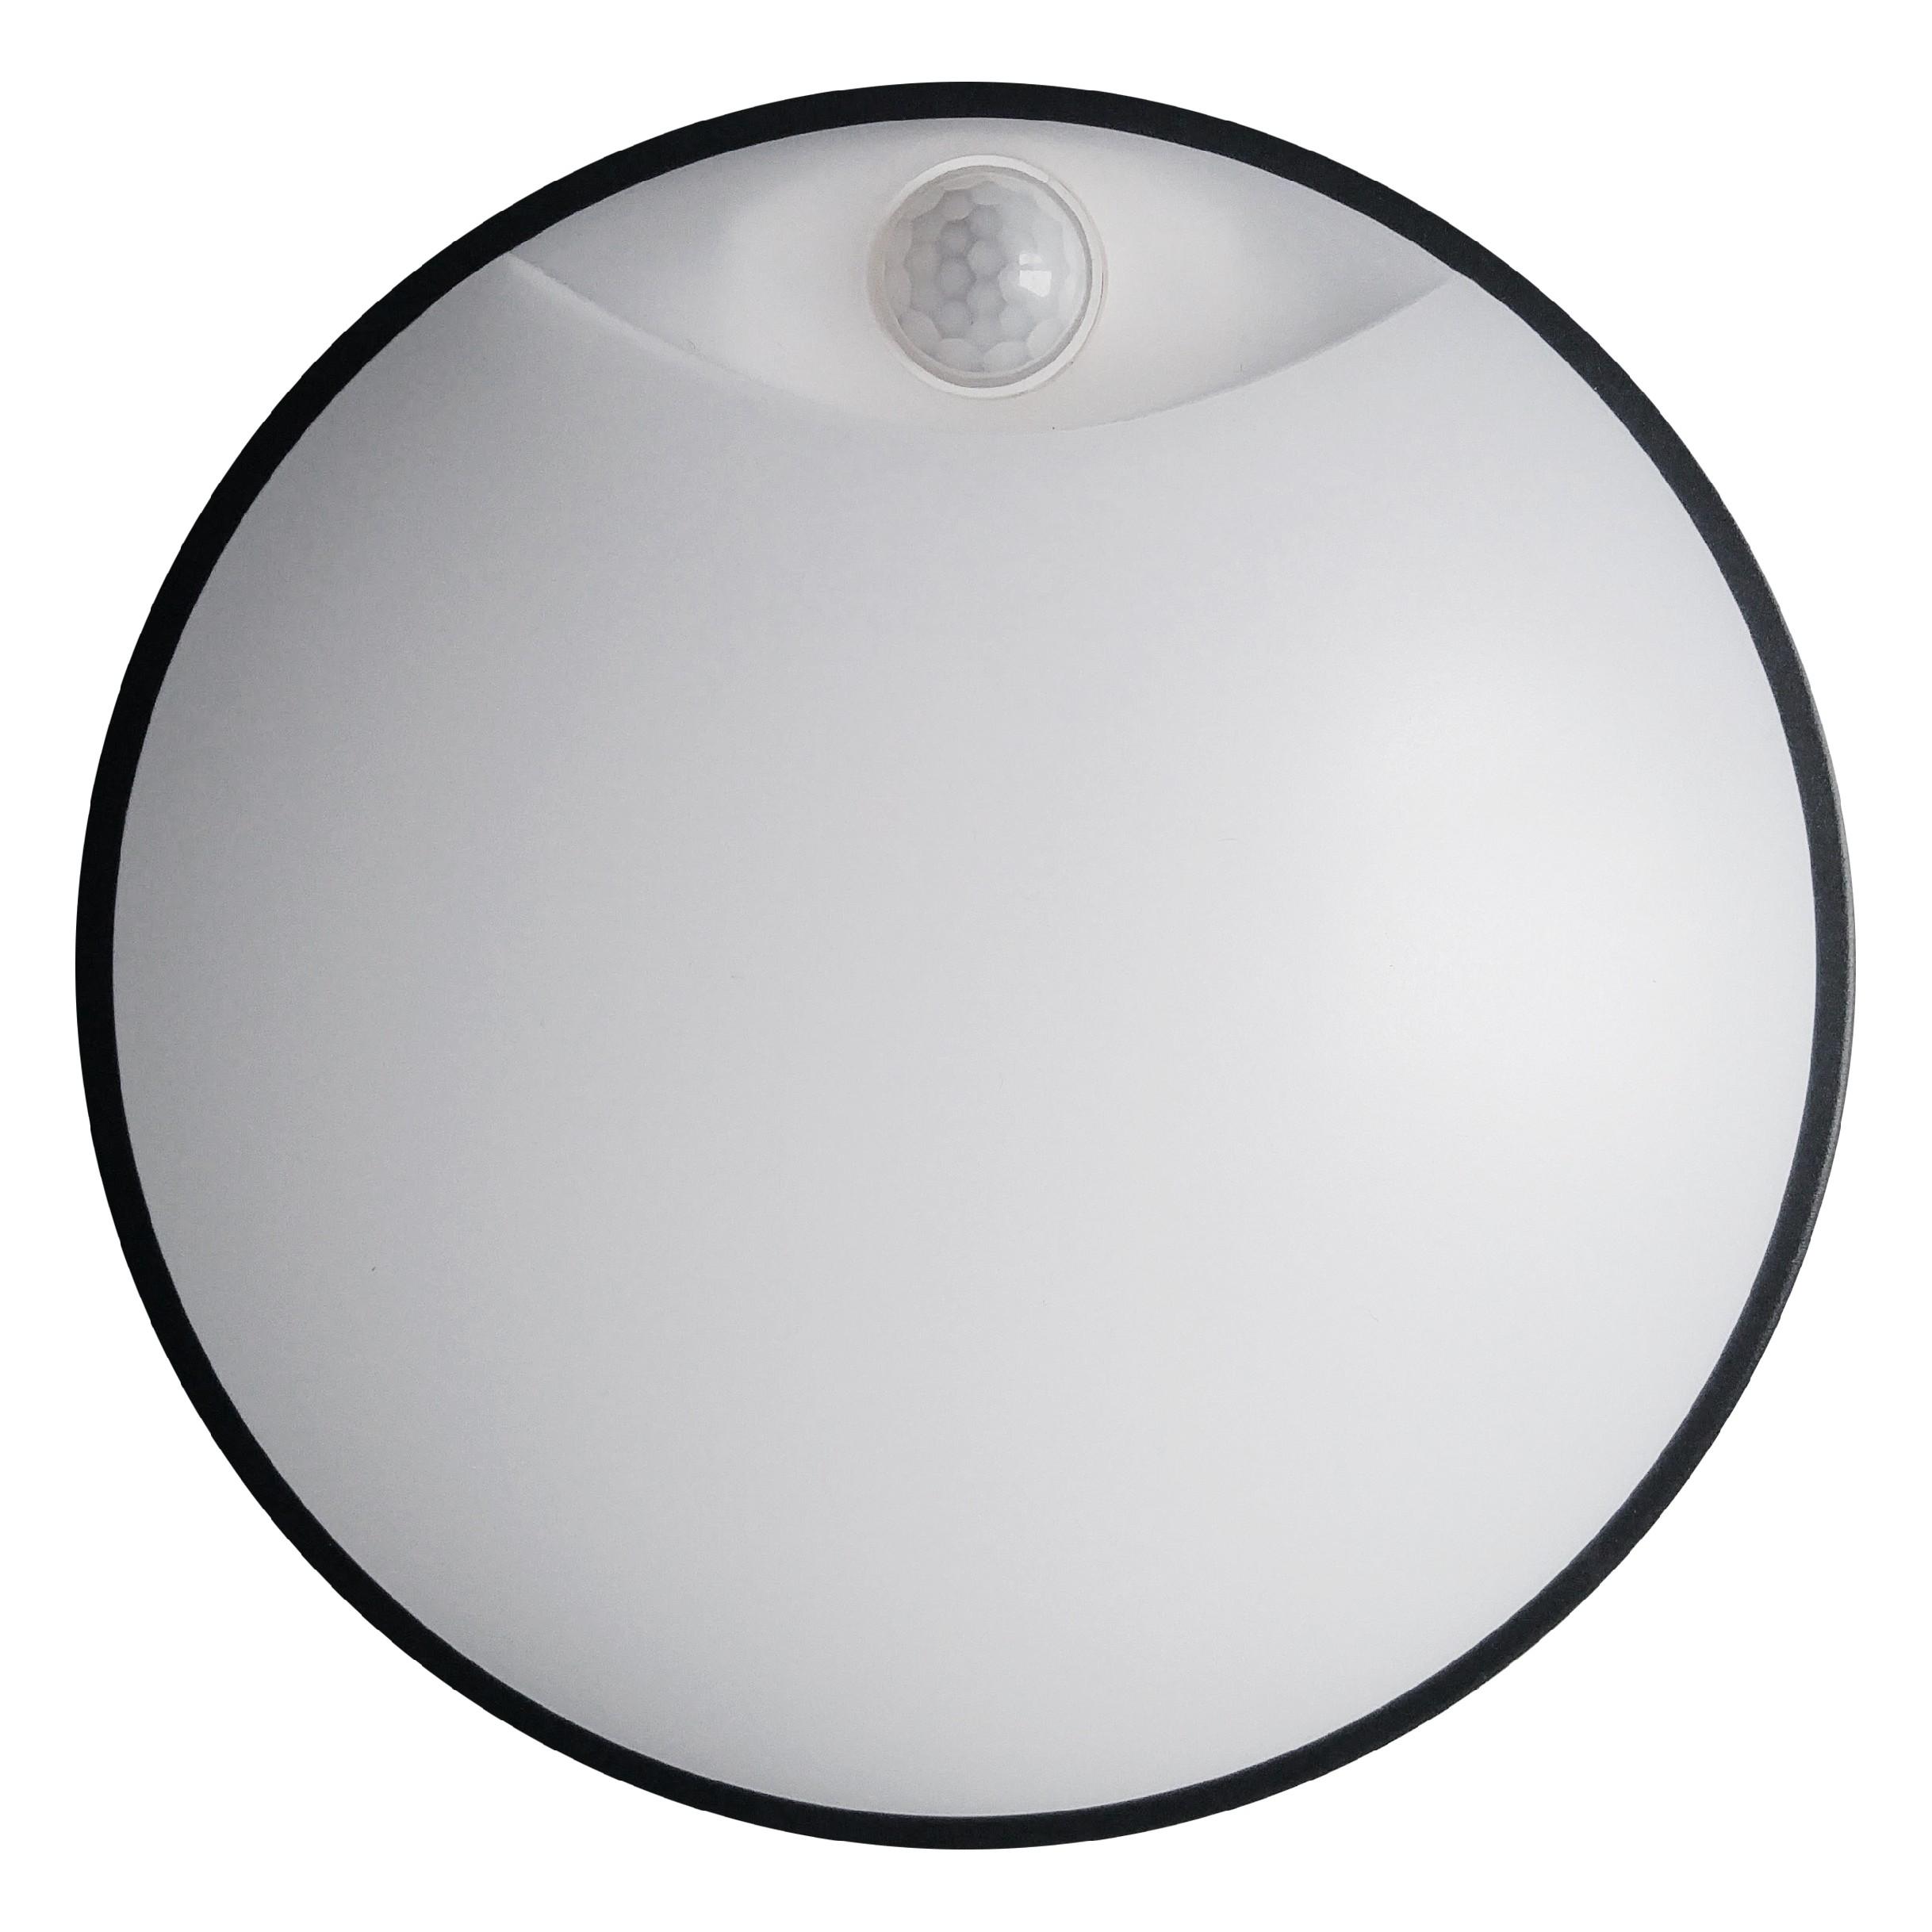 LED přisazené senzorové svítidlo DITA ROUND B 14W NW Greenlux (GXPS040)